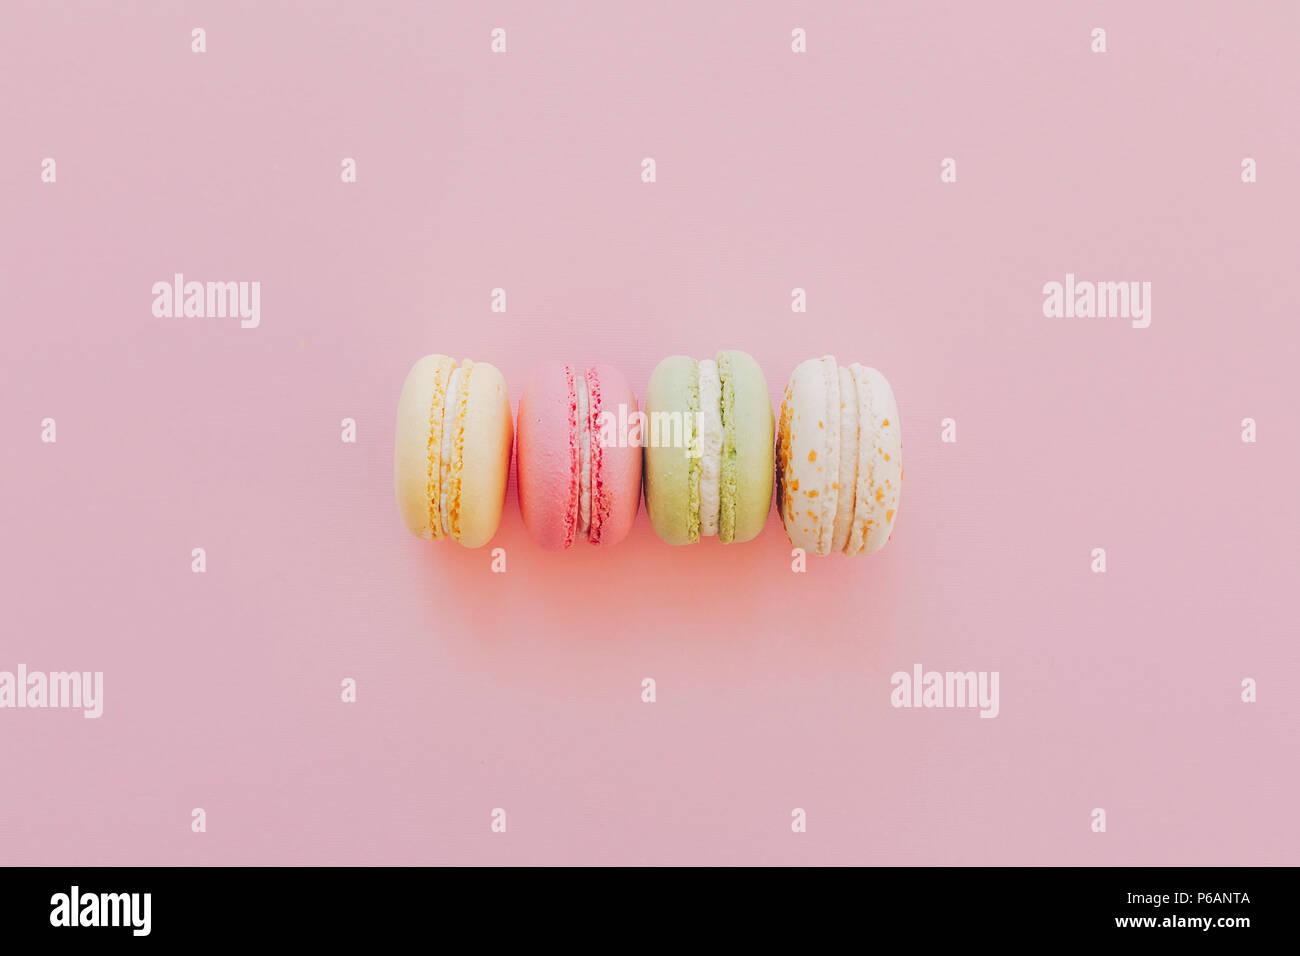 Macarons colorés de style branché sur du papier rose, télévision lay. espace pour texte. Une cuisine moderne concept photographie. délicieux rose, jaune, vert, blanc macarons Photo Stock